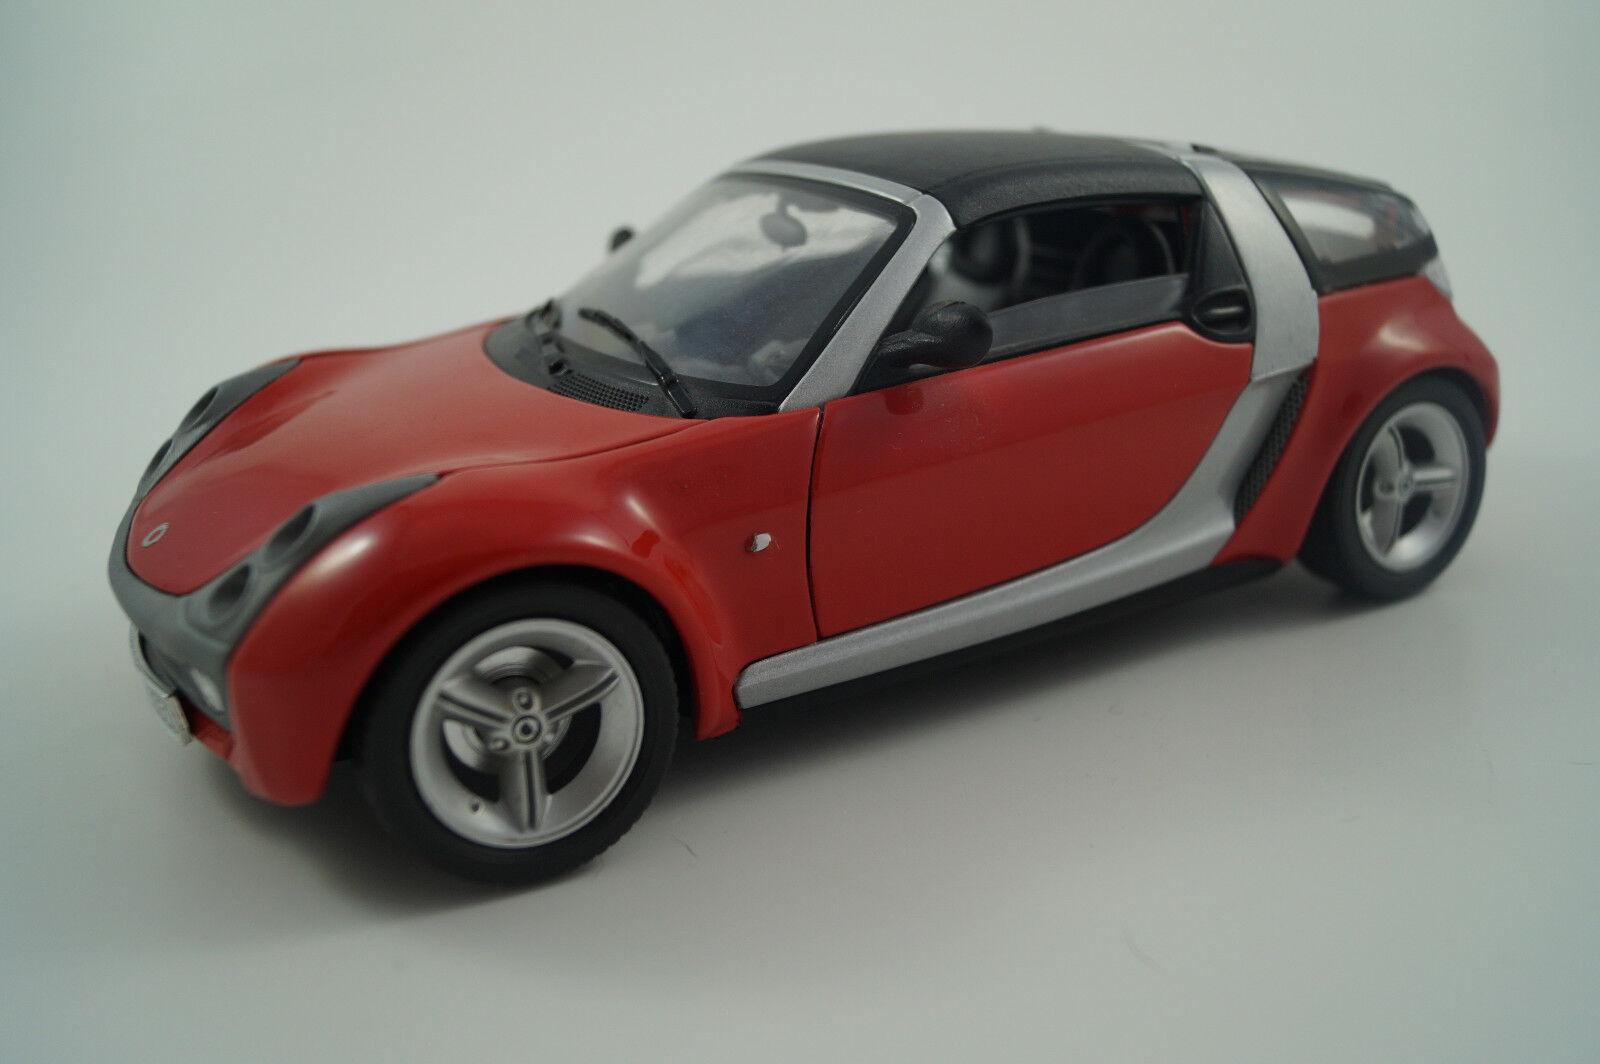 BBURAGO BURAGO voiture miniature 1 18 Smart